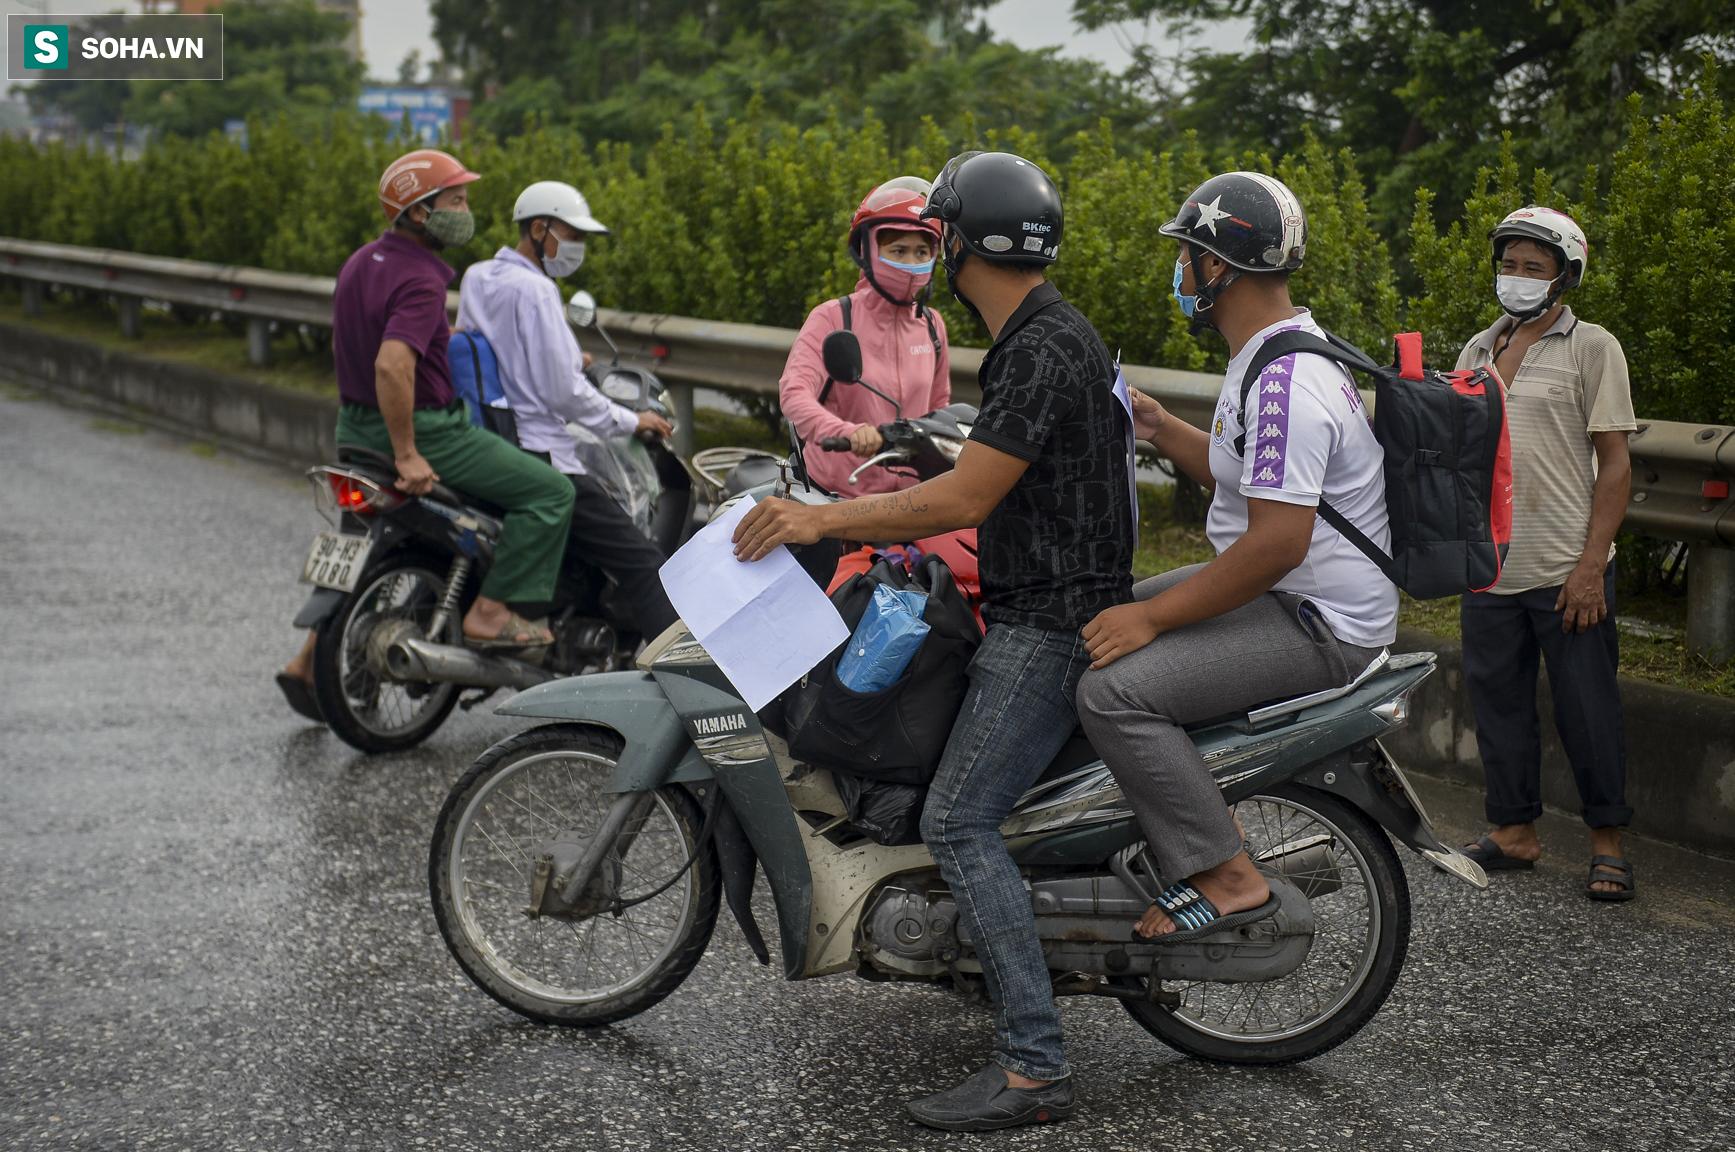 Đi xe máy hơn 1.500km ra Hà Nội, 2 bố con ăn ngủ tại chốt Cầu Giẽ chờ người đưa đi cách ly - Ảnh 5.